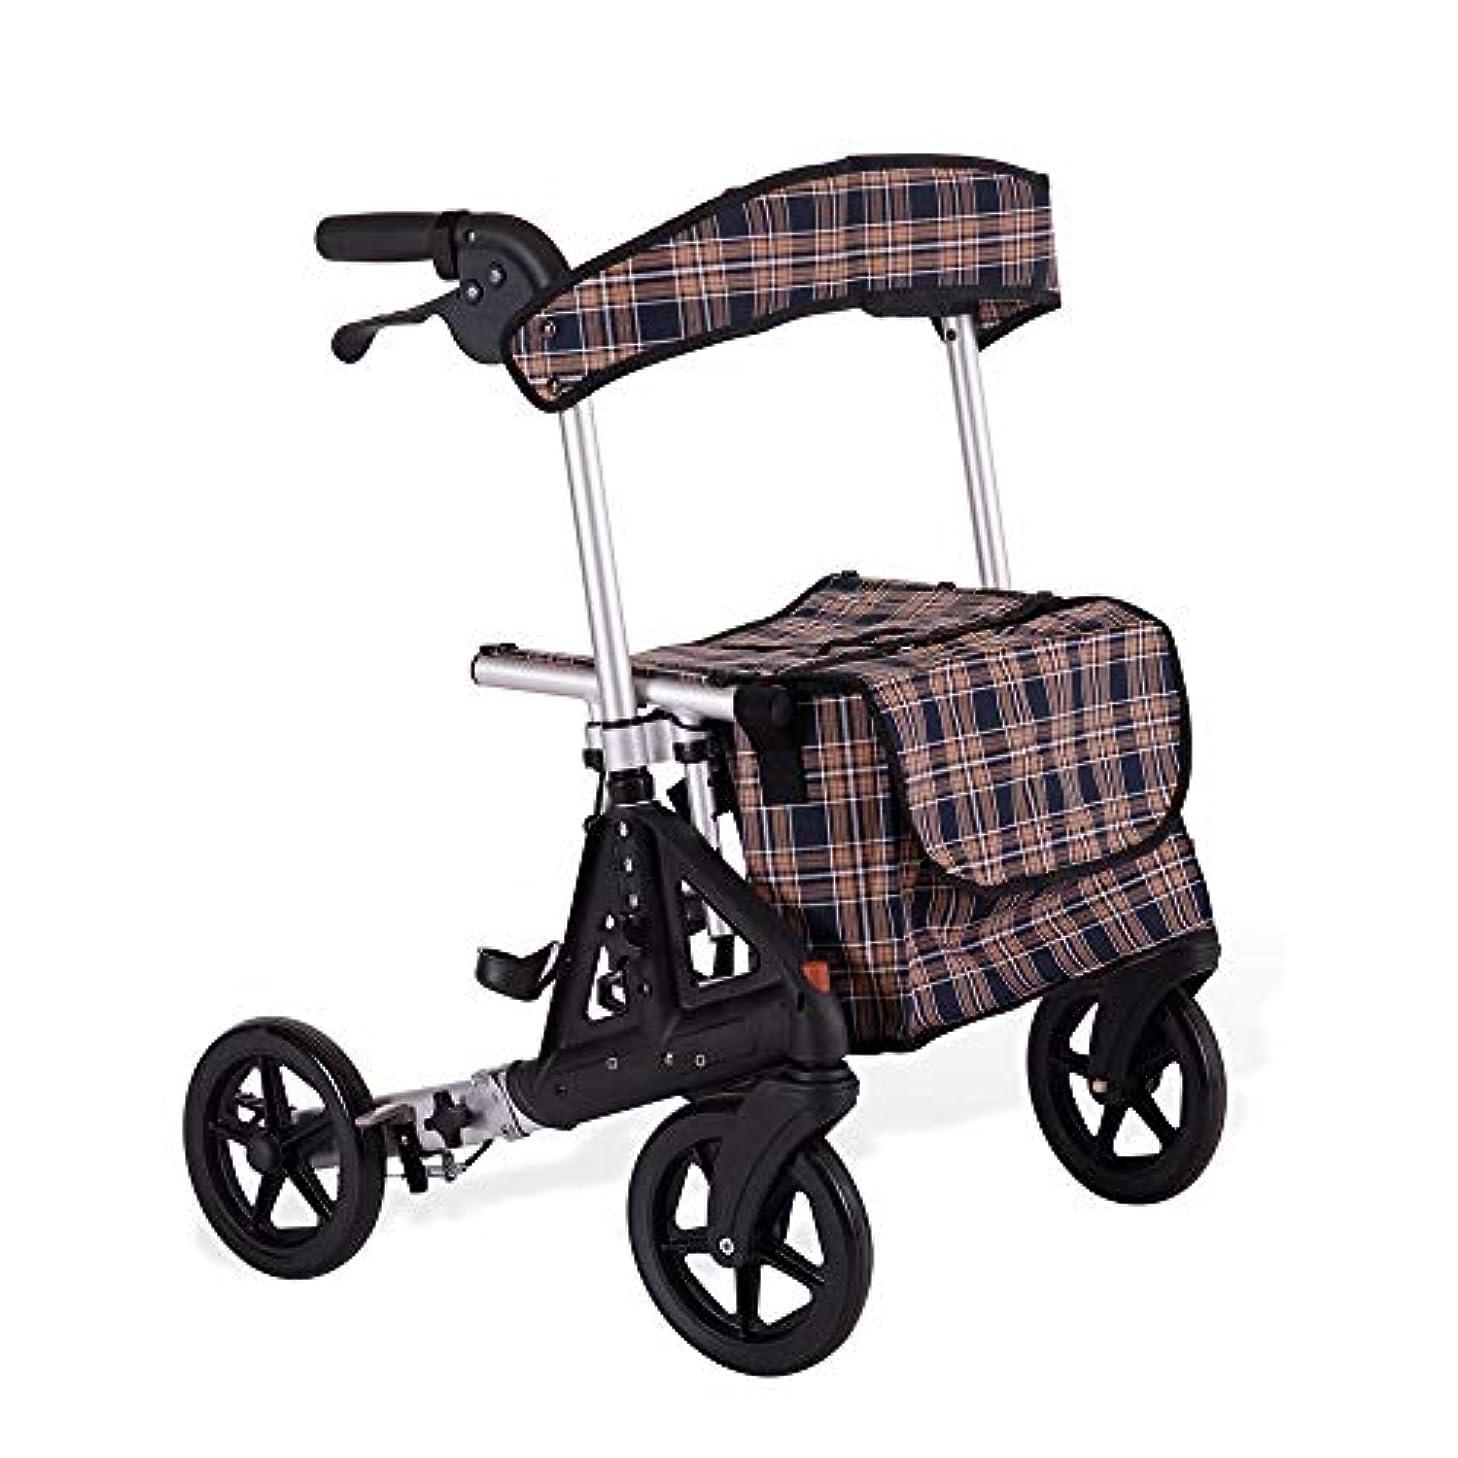 遊具悲劇呼びかけるパッド入りシート、ロック可能なブレーキ、人間工学に基づいたハンドル、キャリーバッグを備えた軽量折りたたみ式四輪歩行器